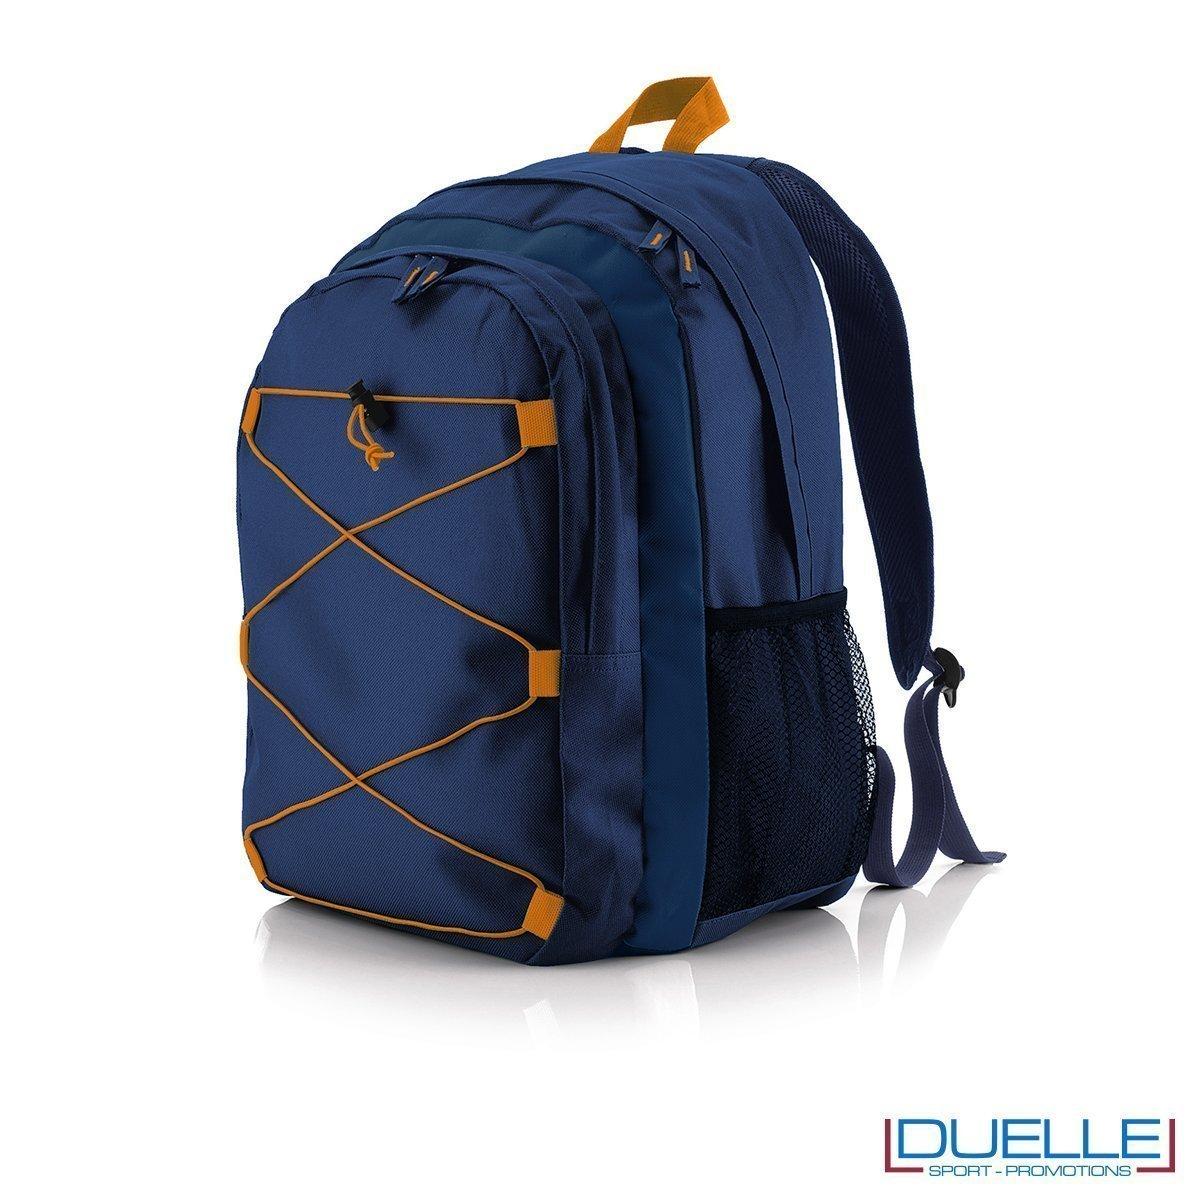 zaino personalizzato sportivo blu navy-arancione, gadget sport trekking. Zaino tipo north face